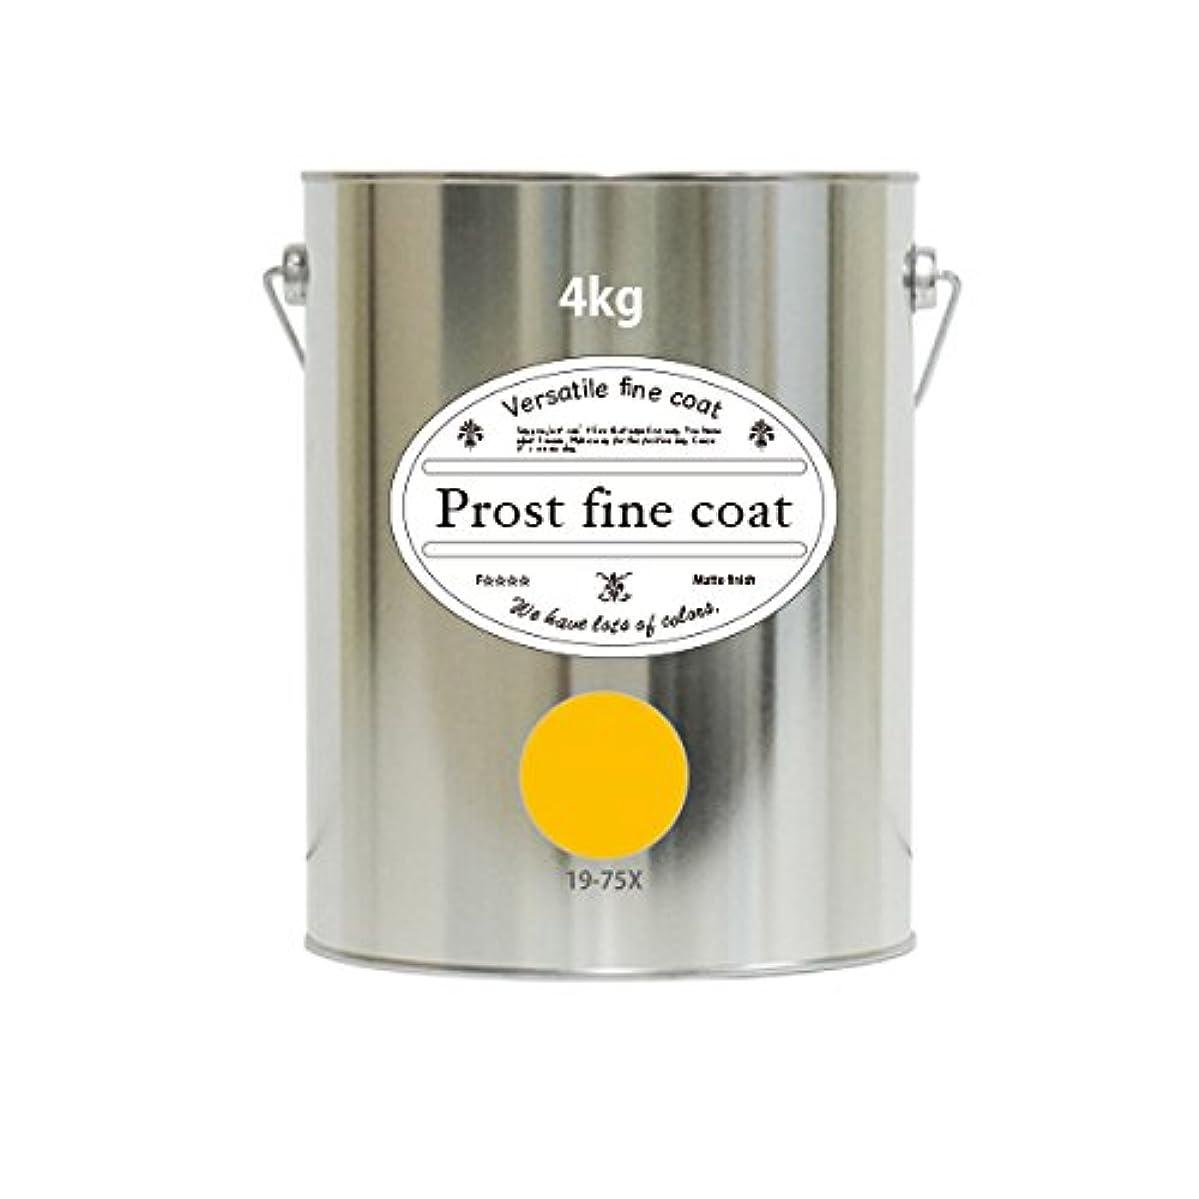 サイレン策定する創造ペンキ 水性塗料19-75X サンイエロー 4kg/ 艶消し 壁 天井 壁紙 壁クロス ファインコート つや消し